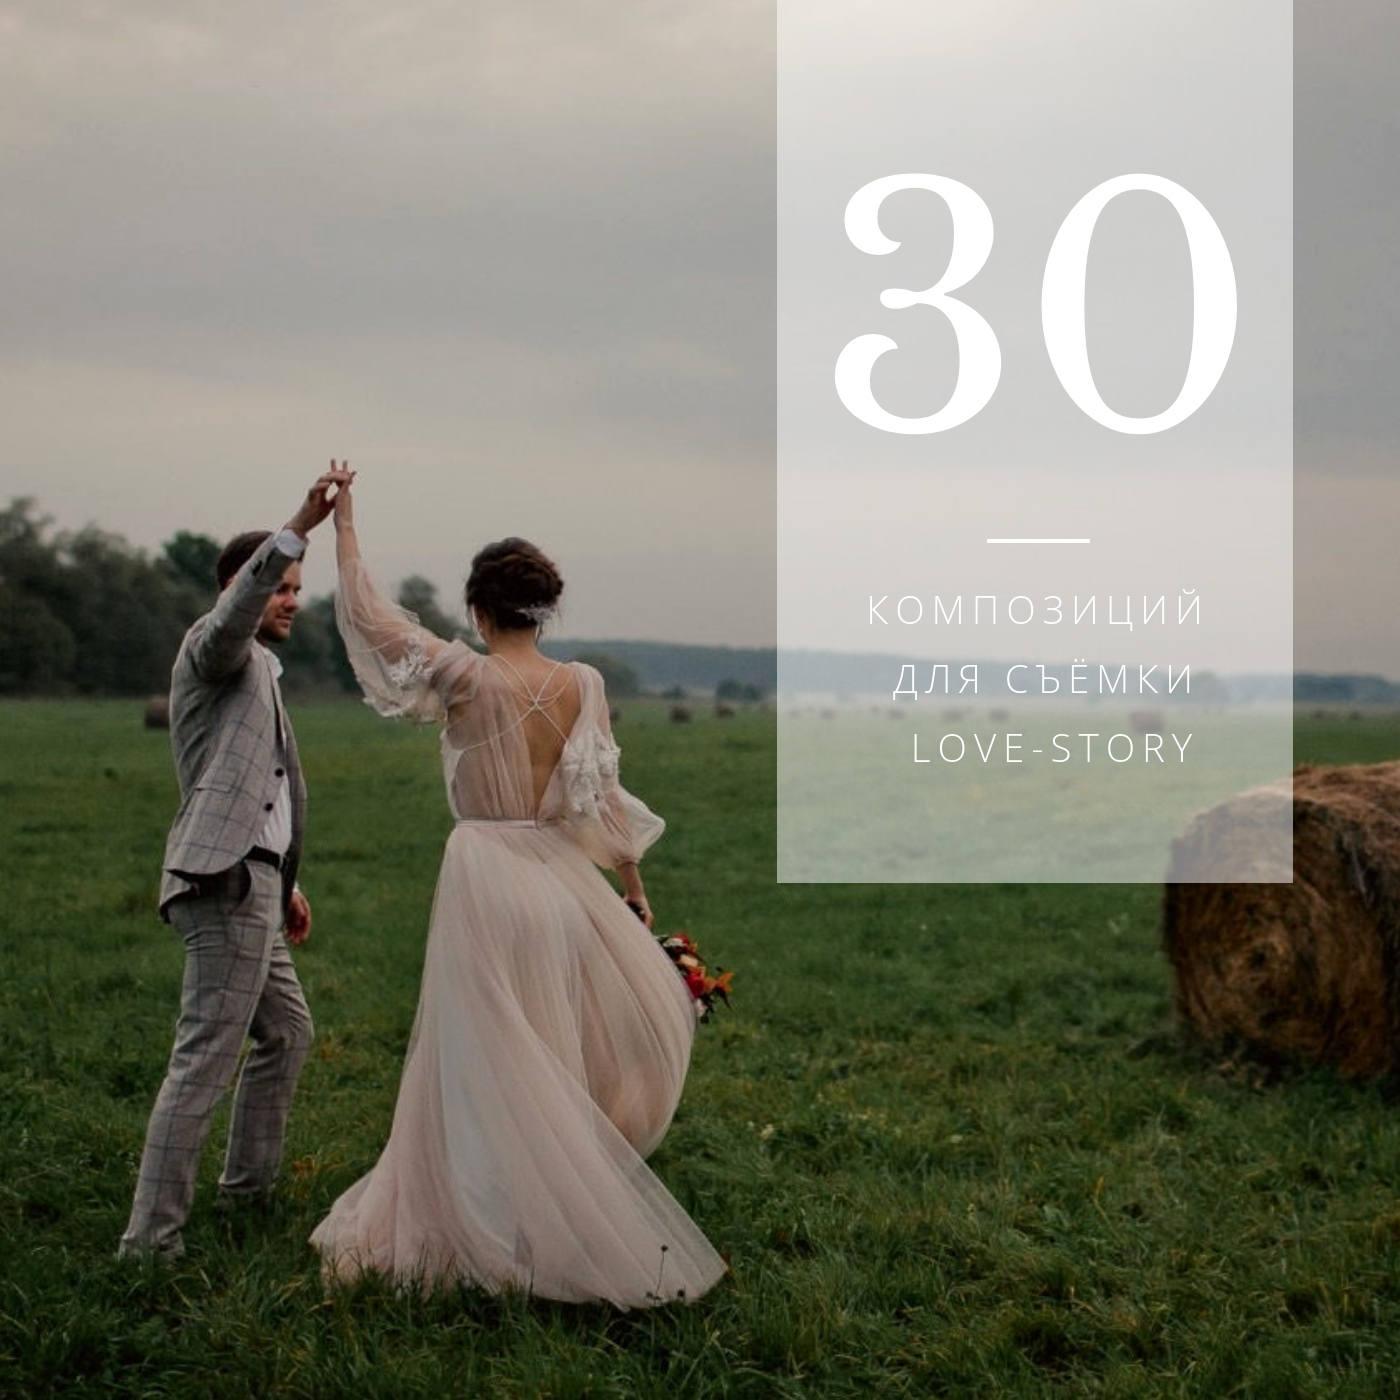 Плейлист для съёмки love-story: топ-30 композиций